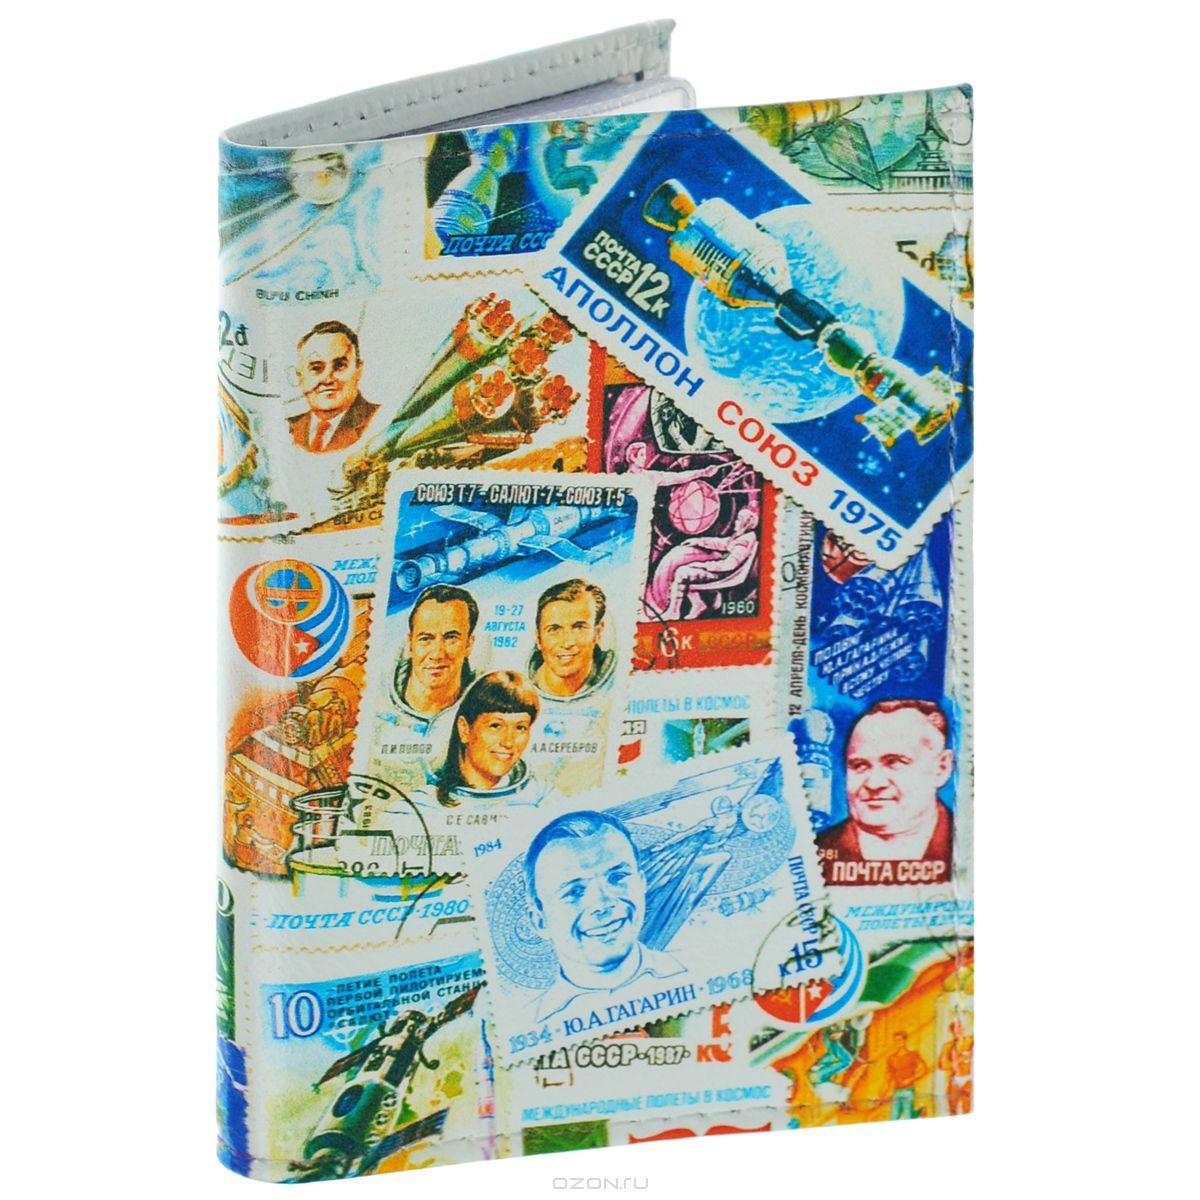 Визитница Космос (марки). VIZIT-195VIZIT-195Оригинальная визитница Mitya Veselkov Космос. Марки - стильная вещь для хранения визиток. Она выполнена из натуральной кожи и оформлена изображениями почтовых марок с космической тематикой. Внутри содержится съемный блок из прозрачного мягкого пластика на 18 визиток и 2 прозрачных вертикальных кармана. Яркая и оригинальная визитница подчеркнет вашу индивидуальность и изысканный вкус, а также станет замечательным подарком человеку, ценящему качественные и практичные вещи.